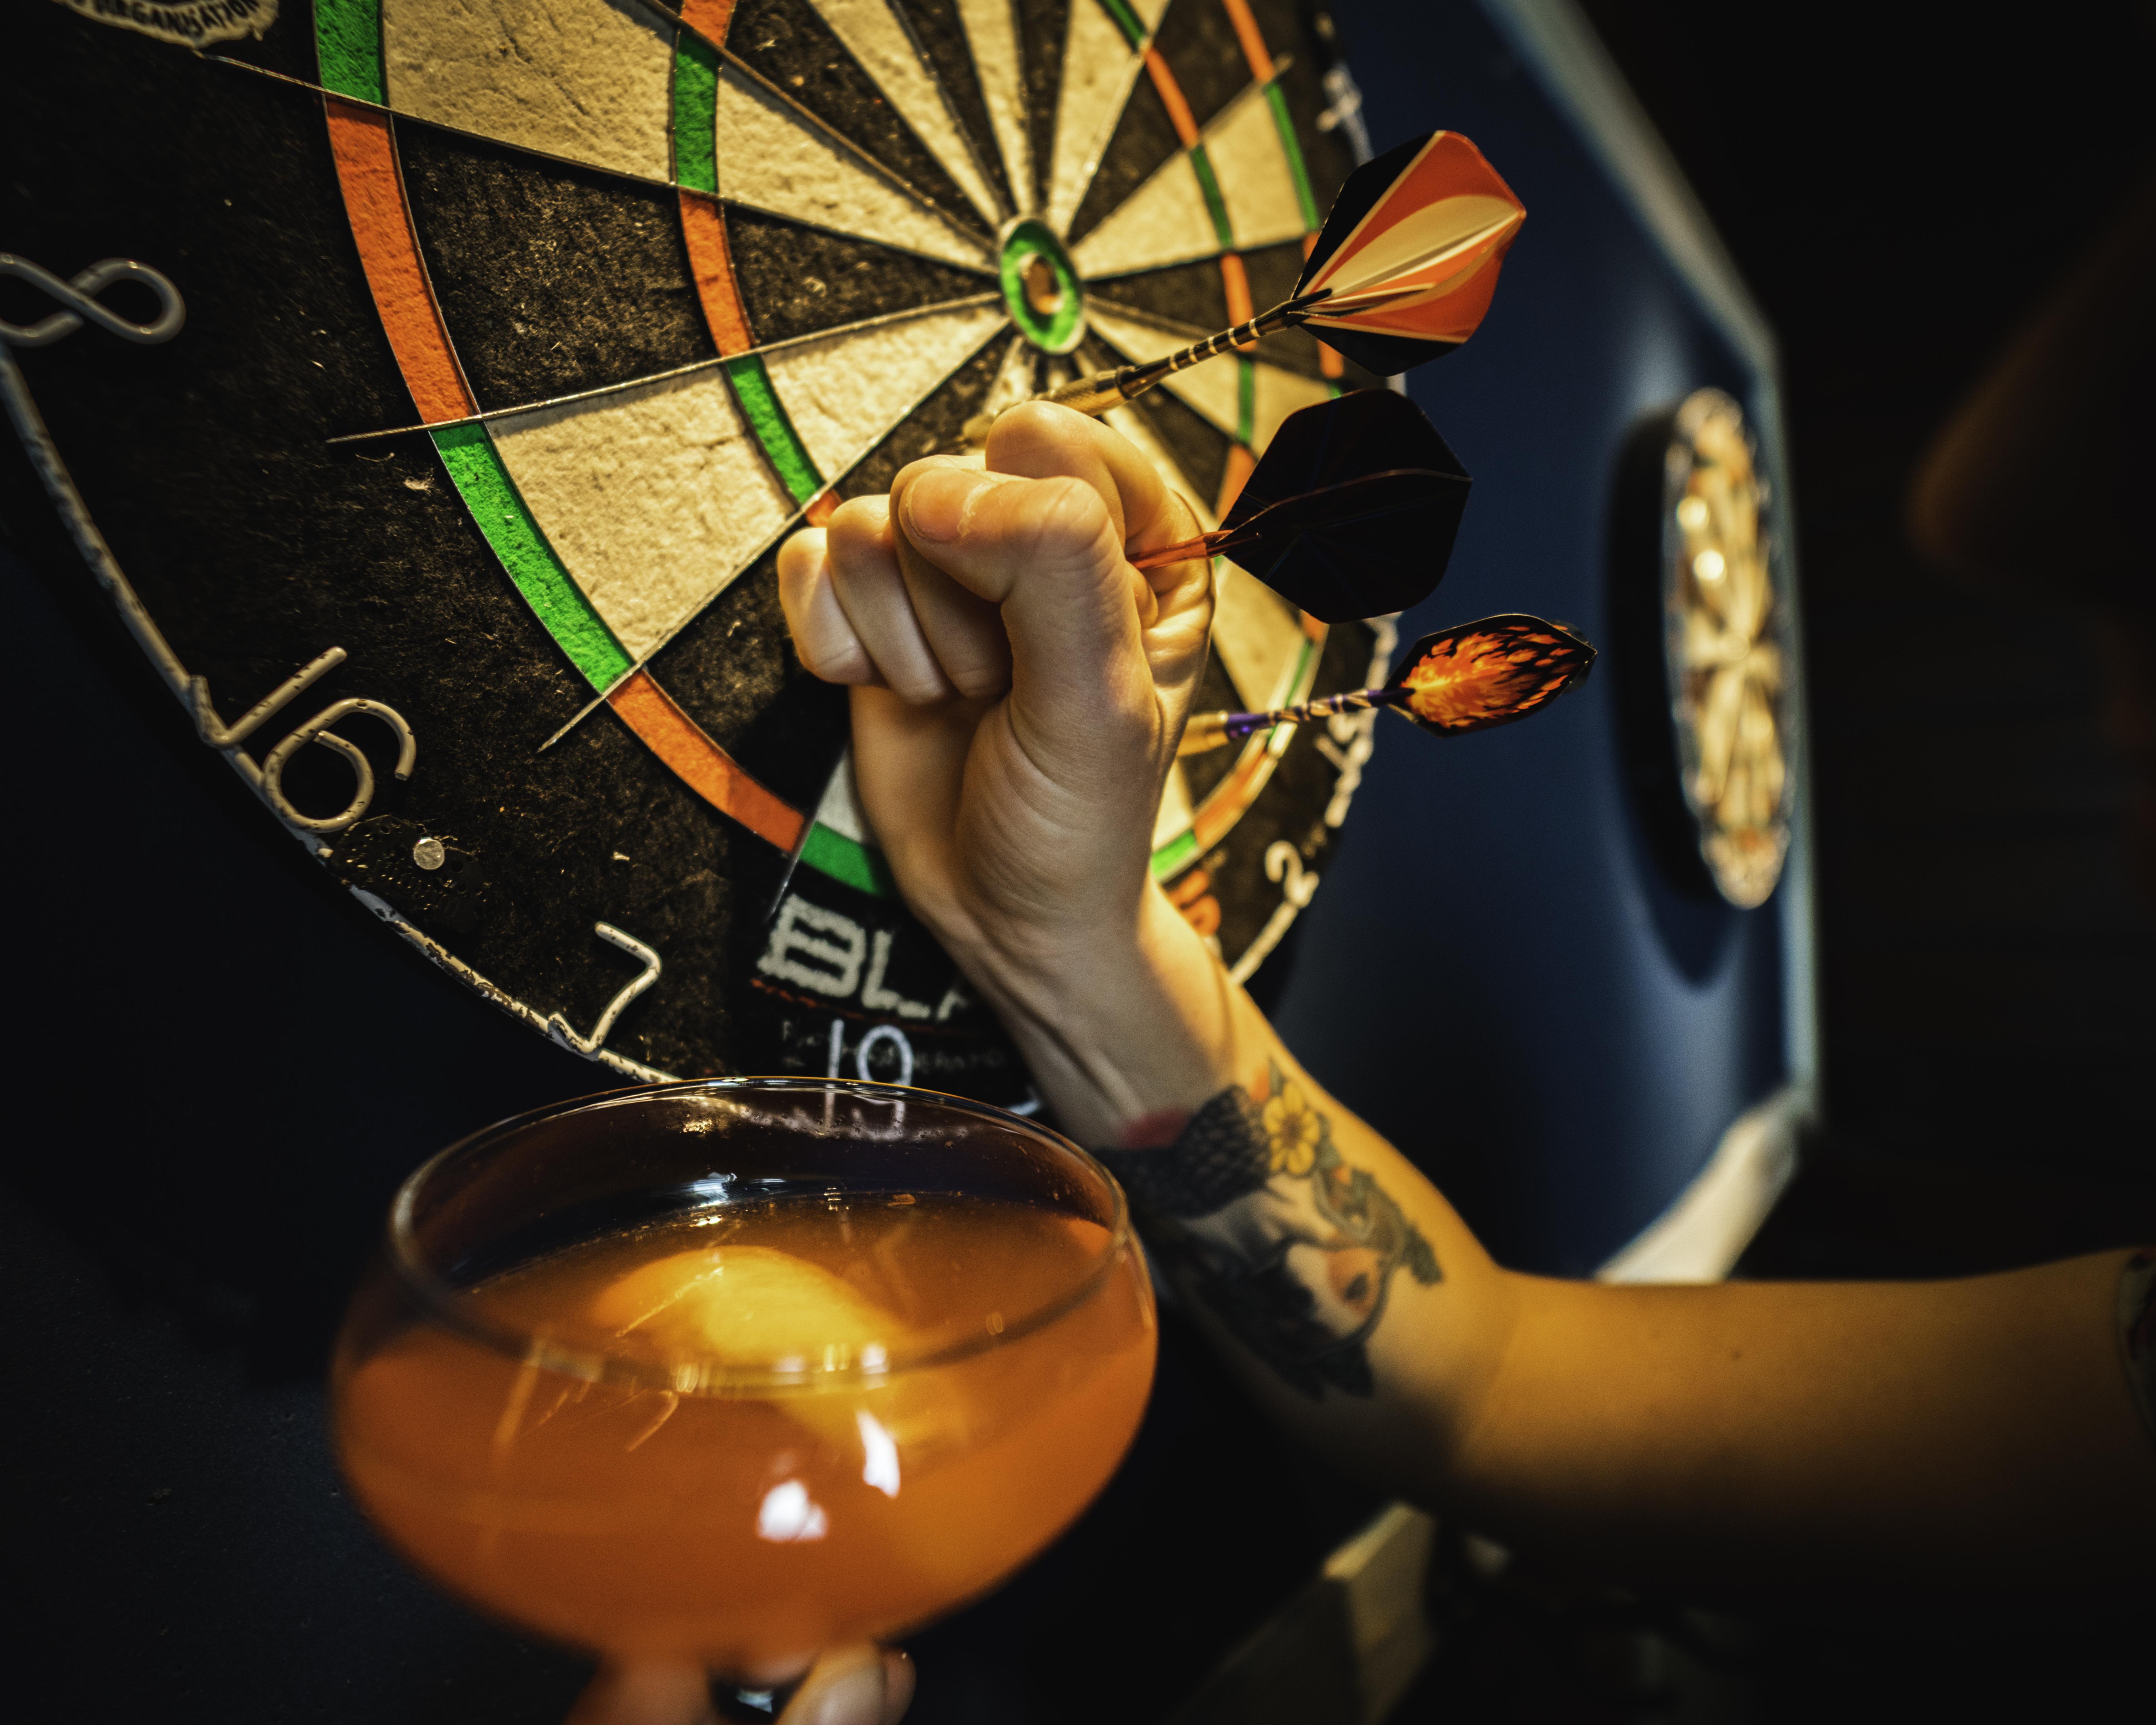 cocktail and dart board at Punch Bowl Social